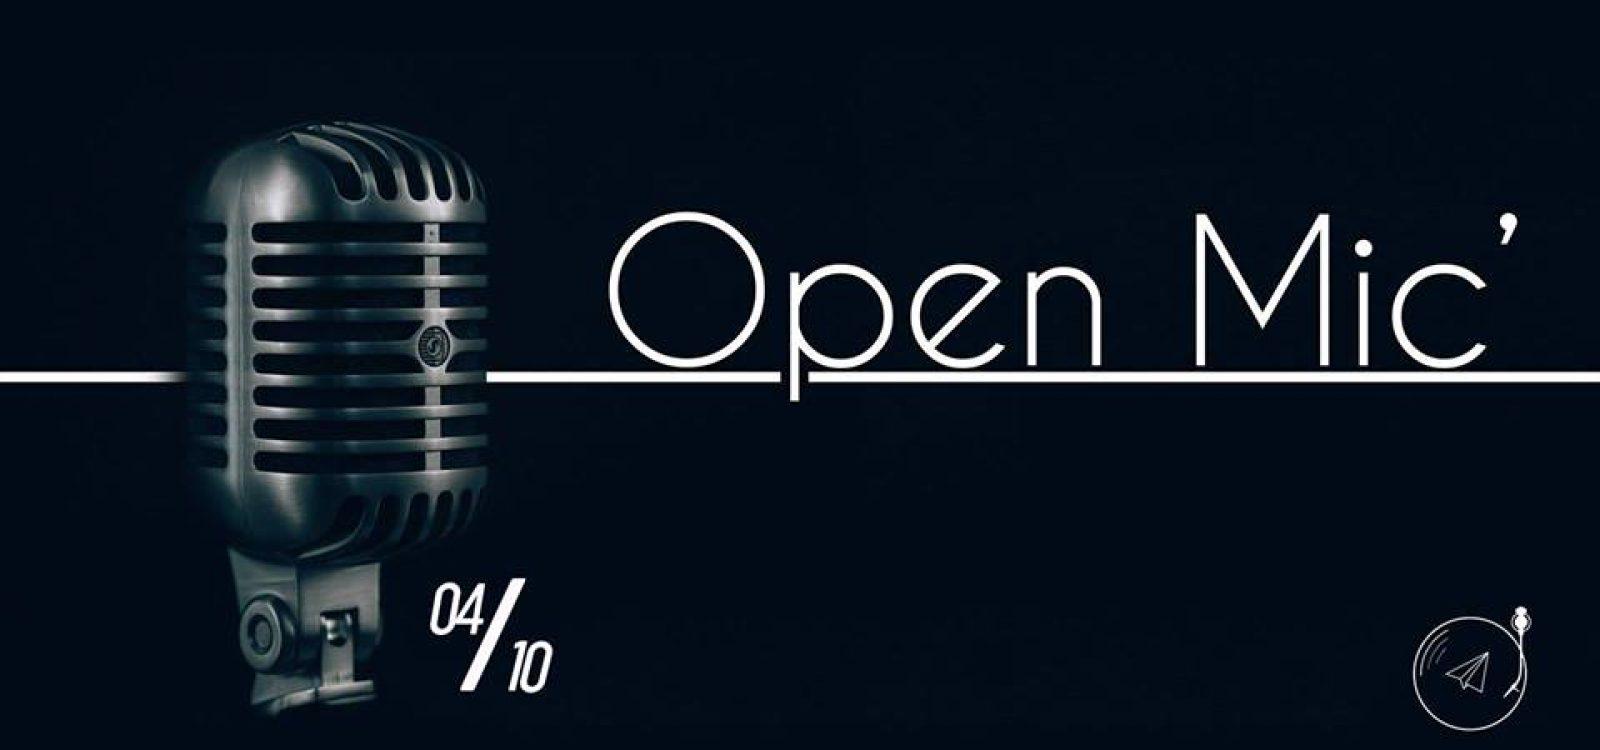 Open mic 1